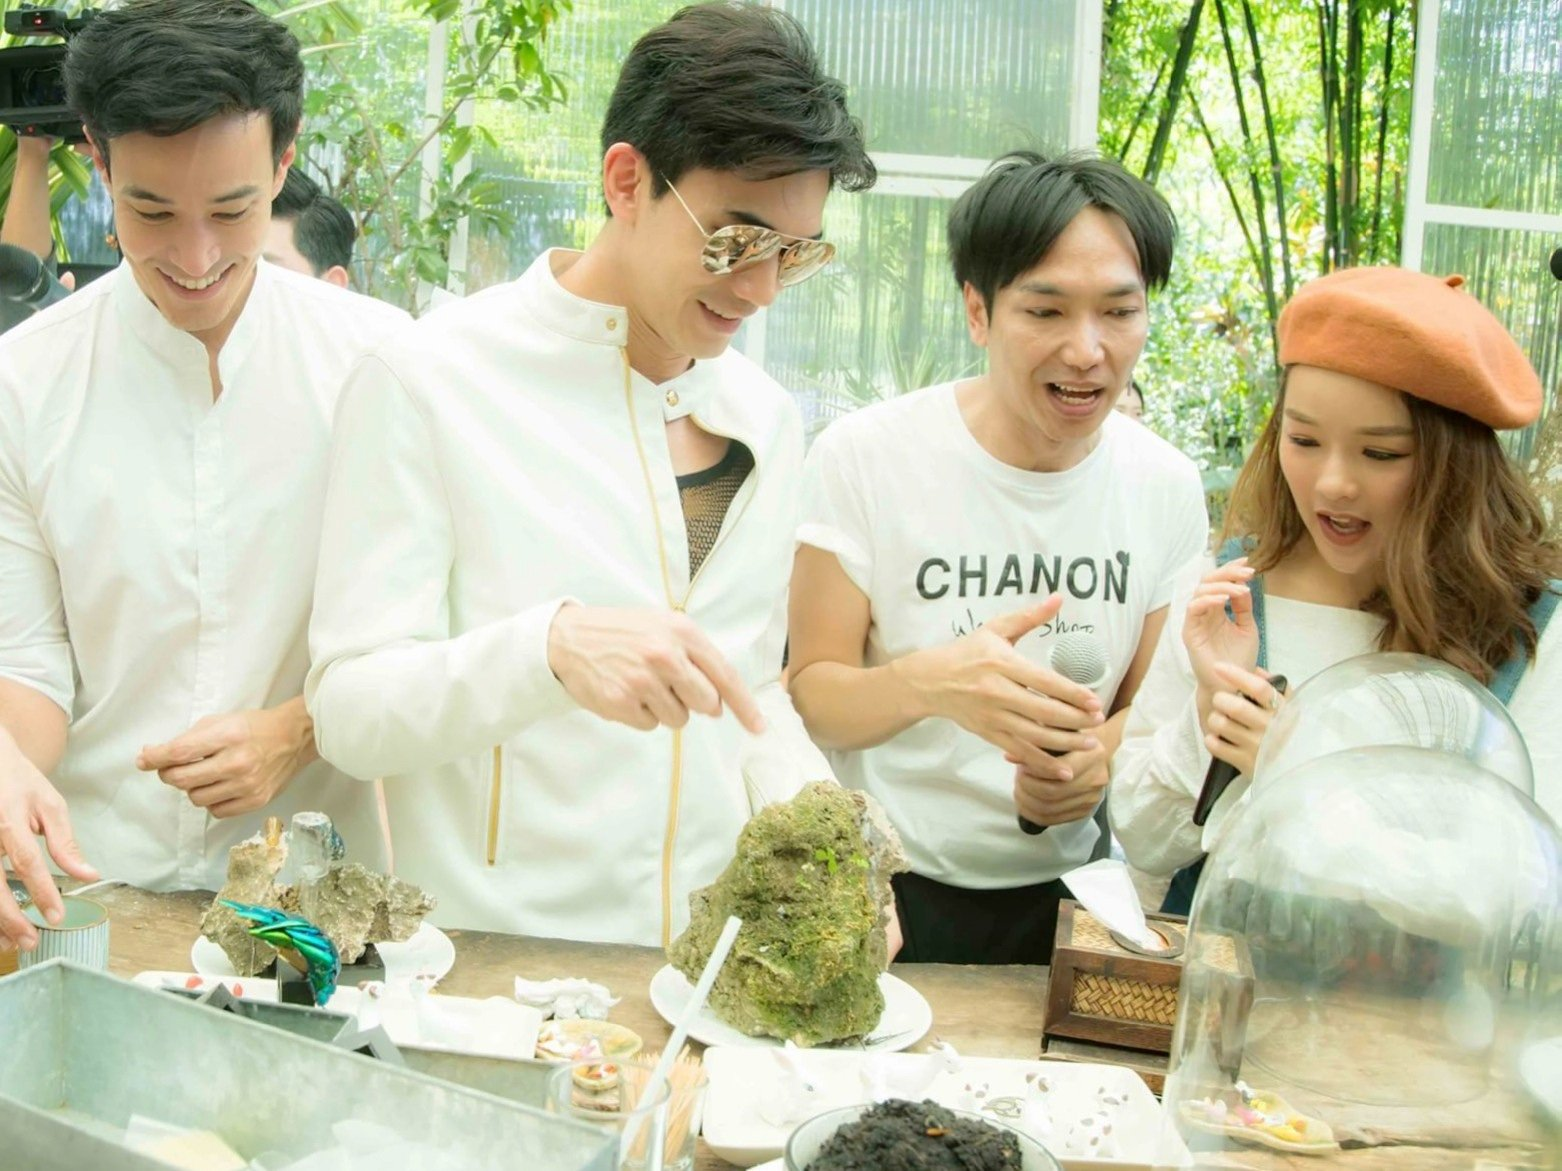 เปิดตัว CHANON Wake Shop ชวนทำเวิร์คช็อป กับกูรูตัวจริง